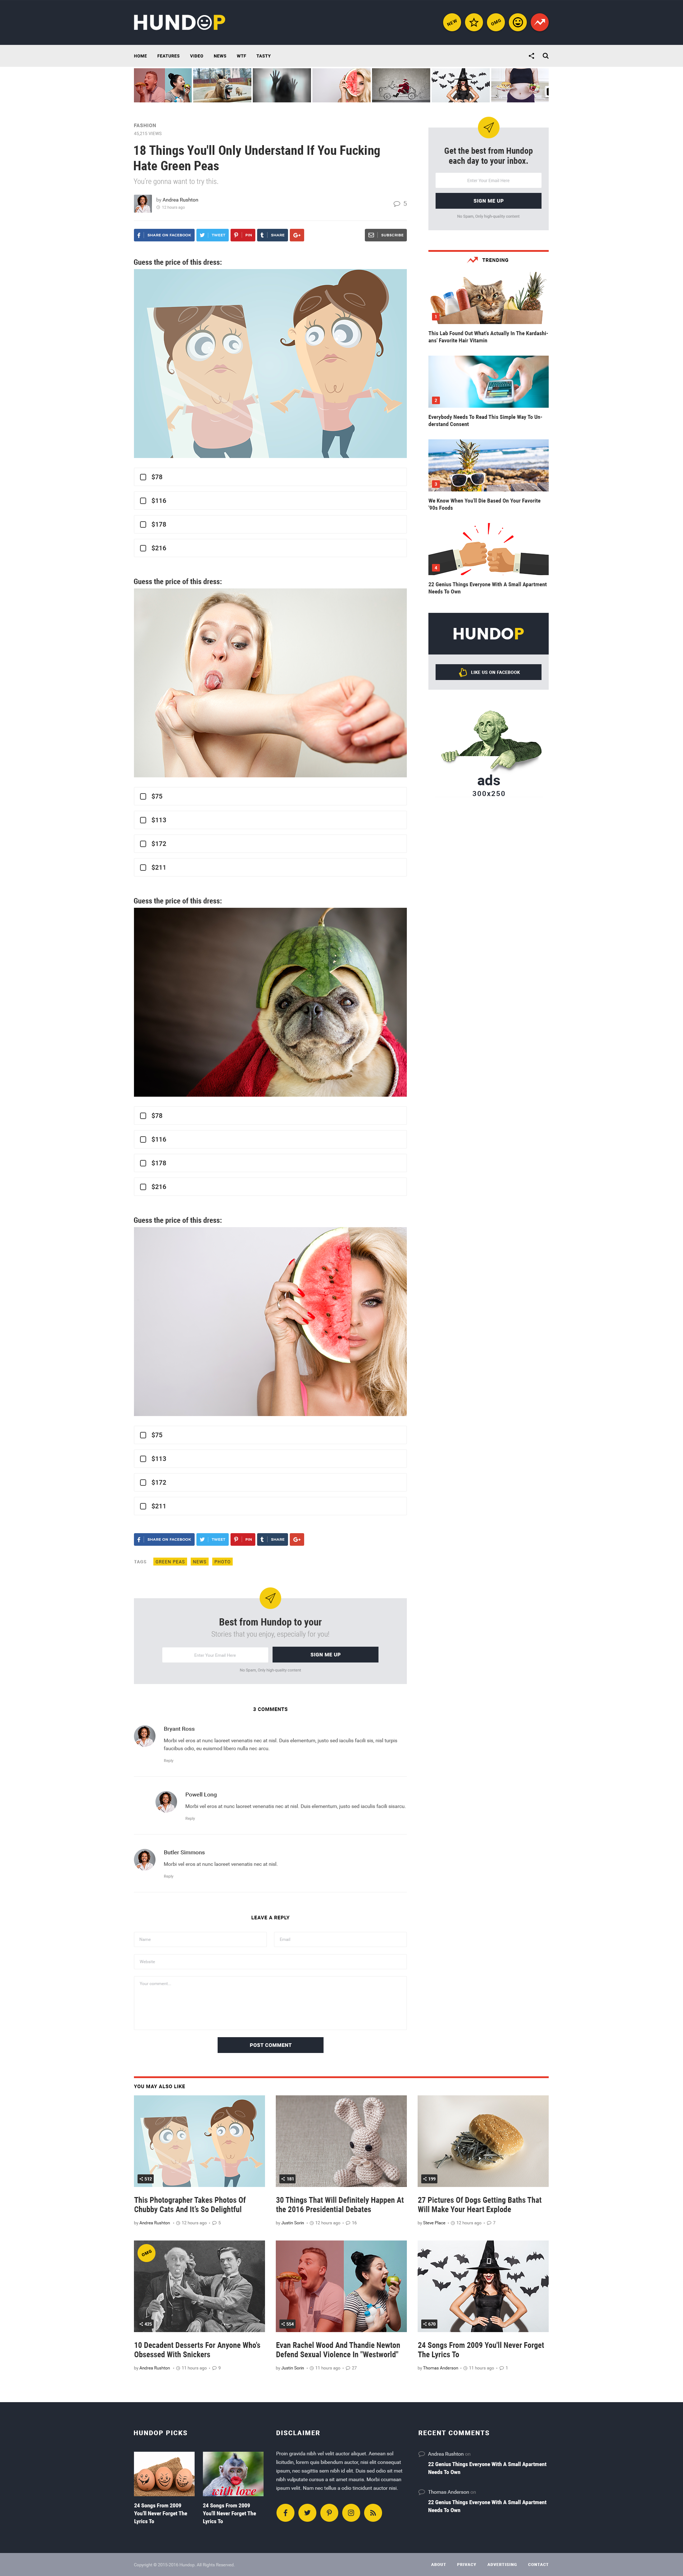 Hundop Viral & Buzz PSD Template Psd templates